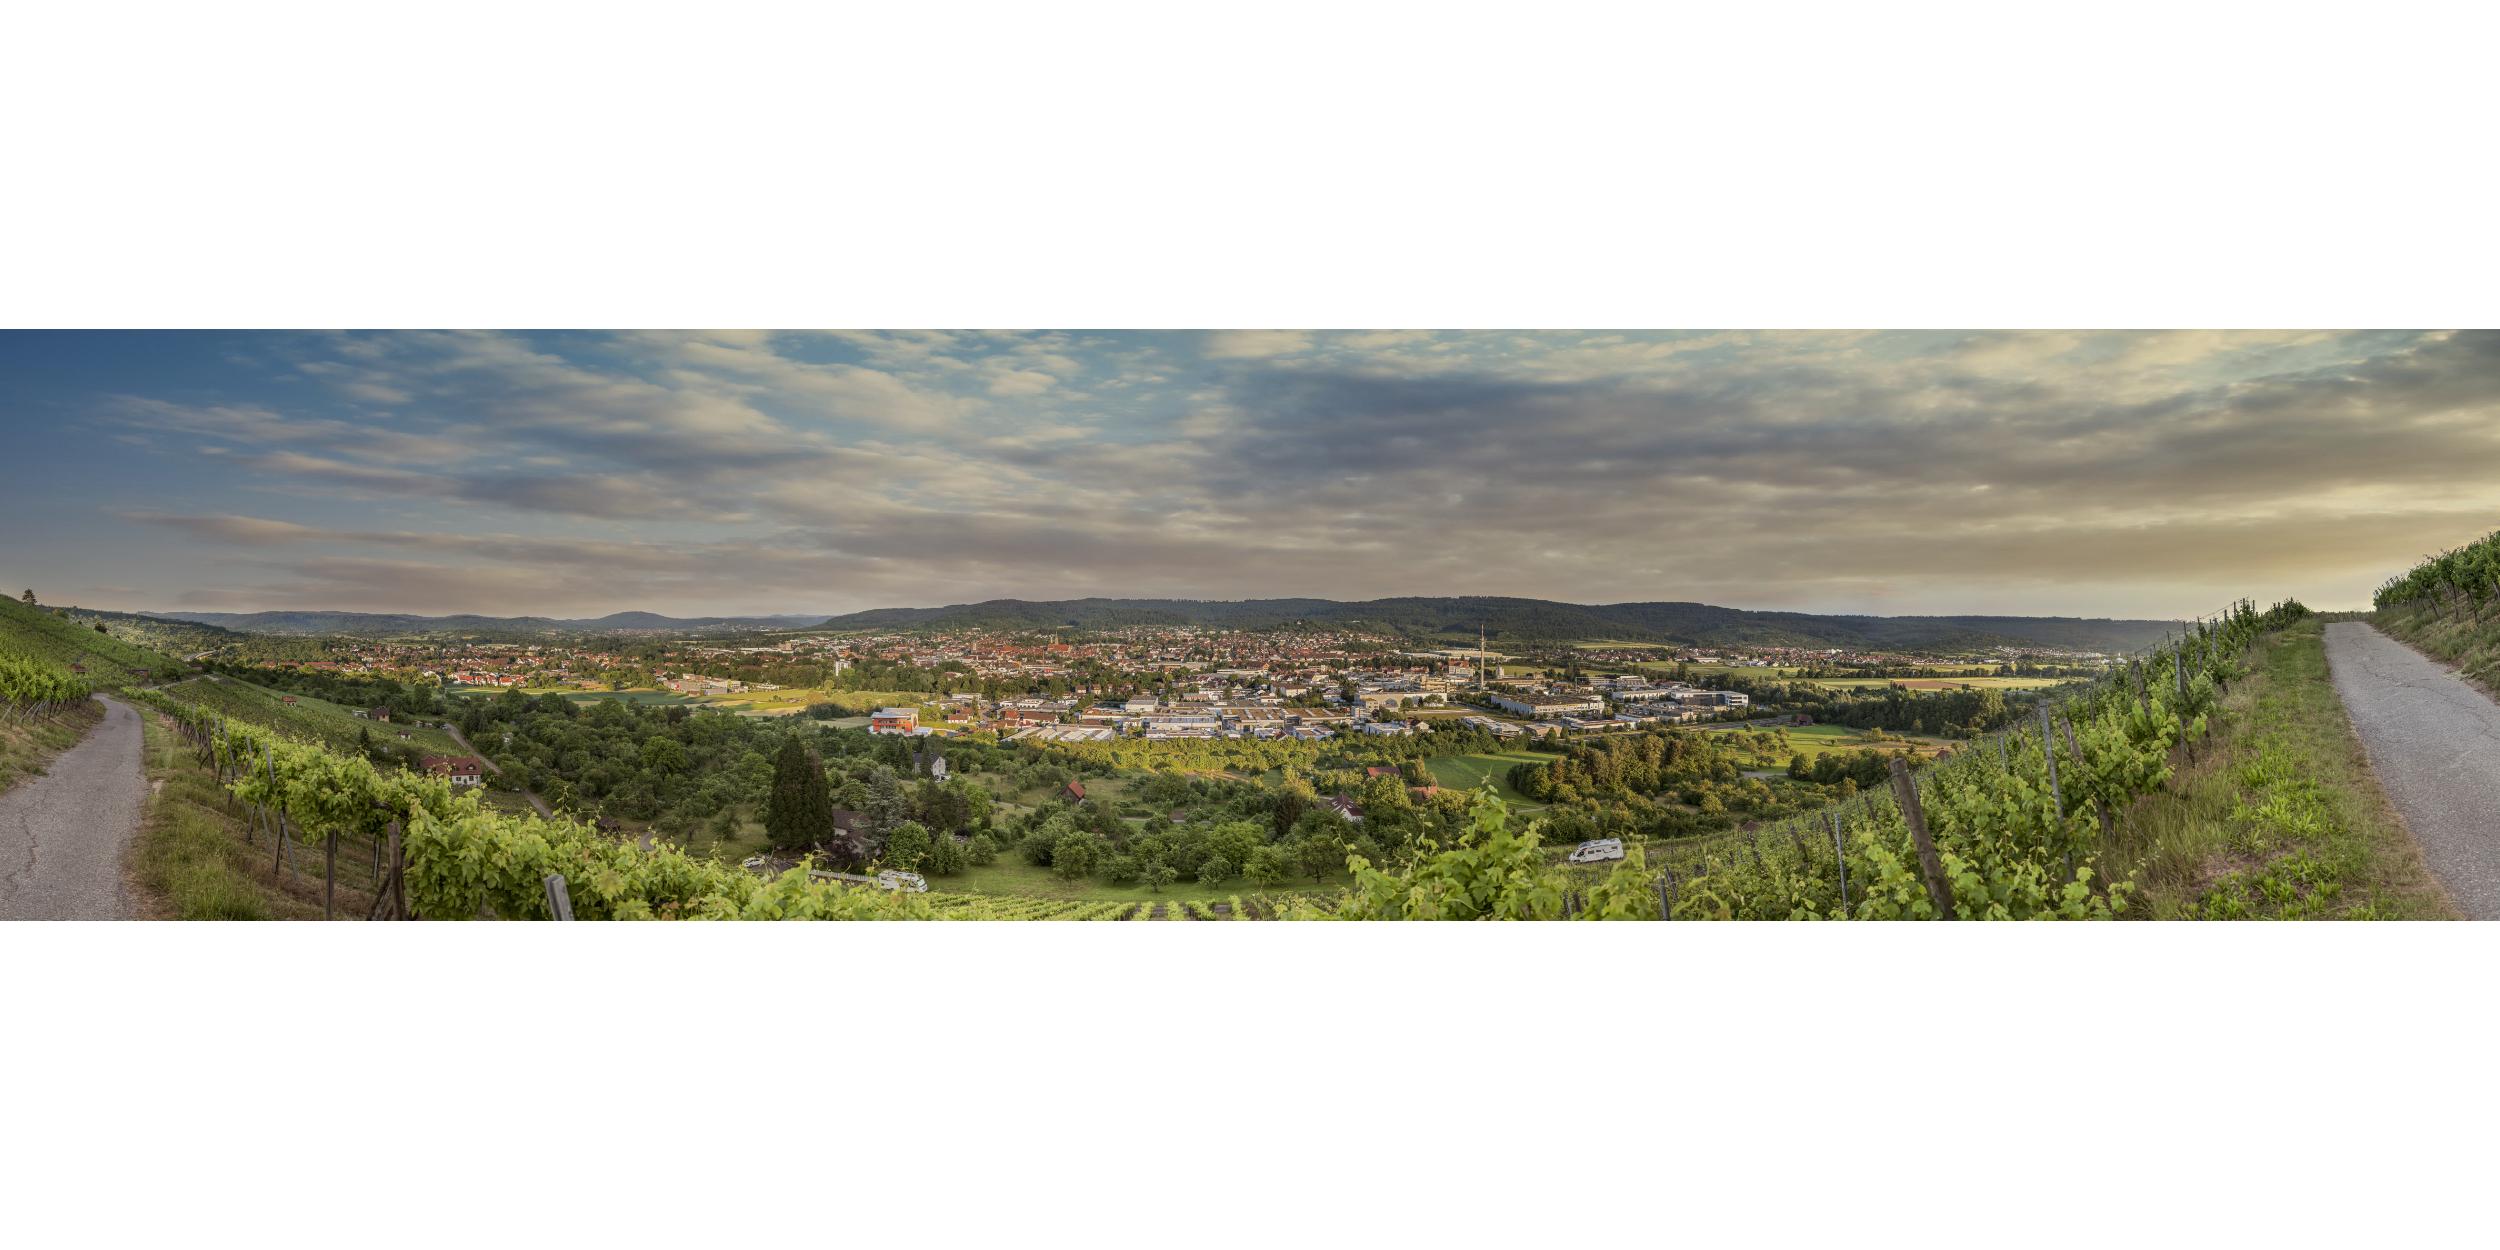 Panoramafotografie Virtuelle Touren 360Grad Fotografie Stuttgart und Umgebung 180° Gigapixel Teilpanorama Schorndorf Grafenberg Abendstimmung